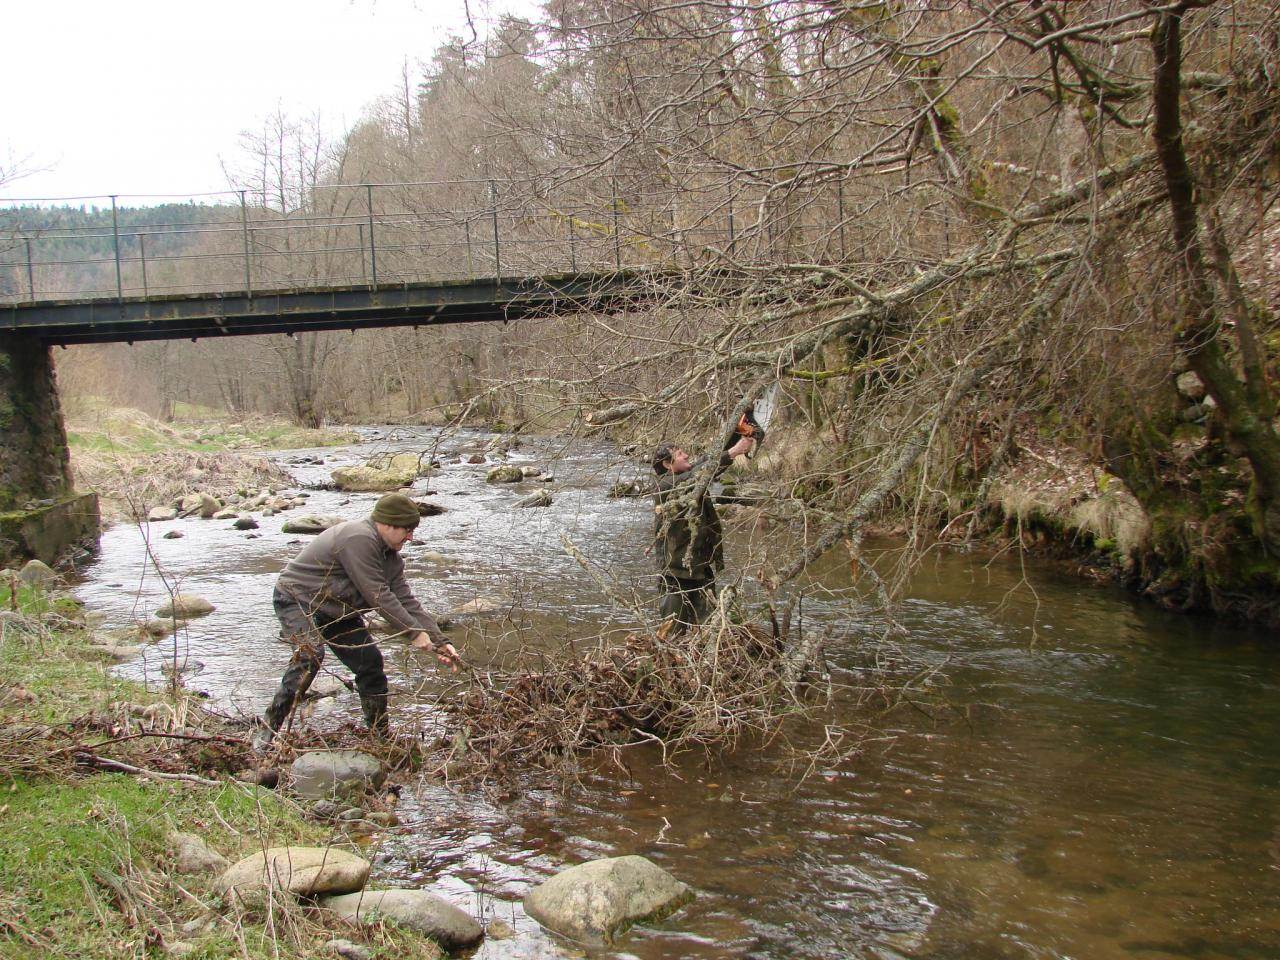 Nettoyage de rivière le 1er Mars 2014